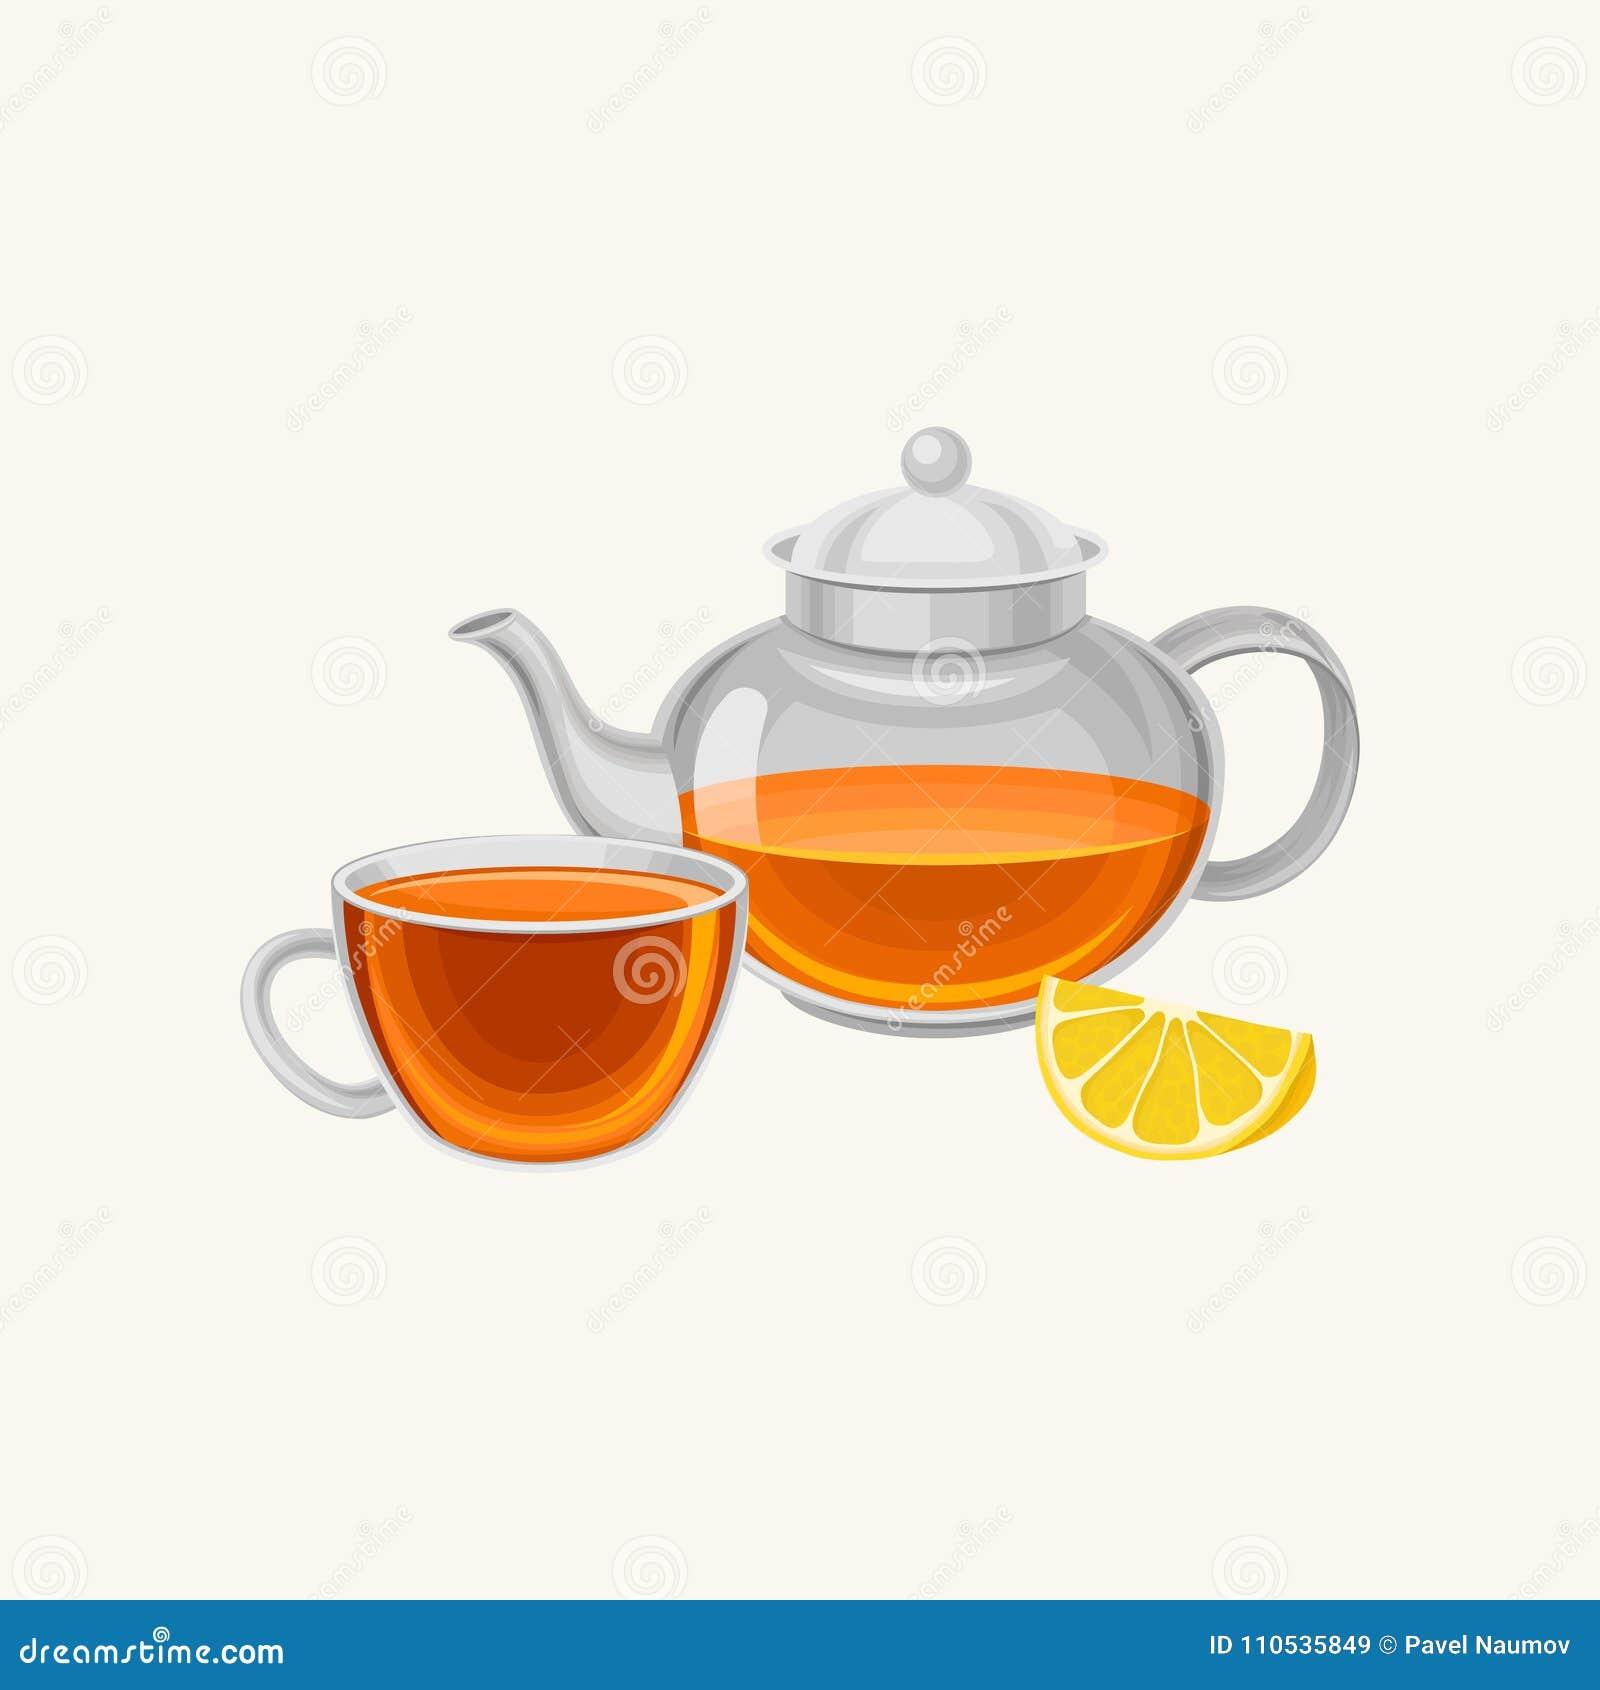 Tetera y taza de cristal de la historieta con el té preparado fresco, rebanada de limón dulce Concepto del desayuno Diseño plano